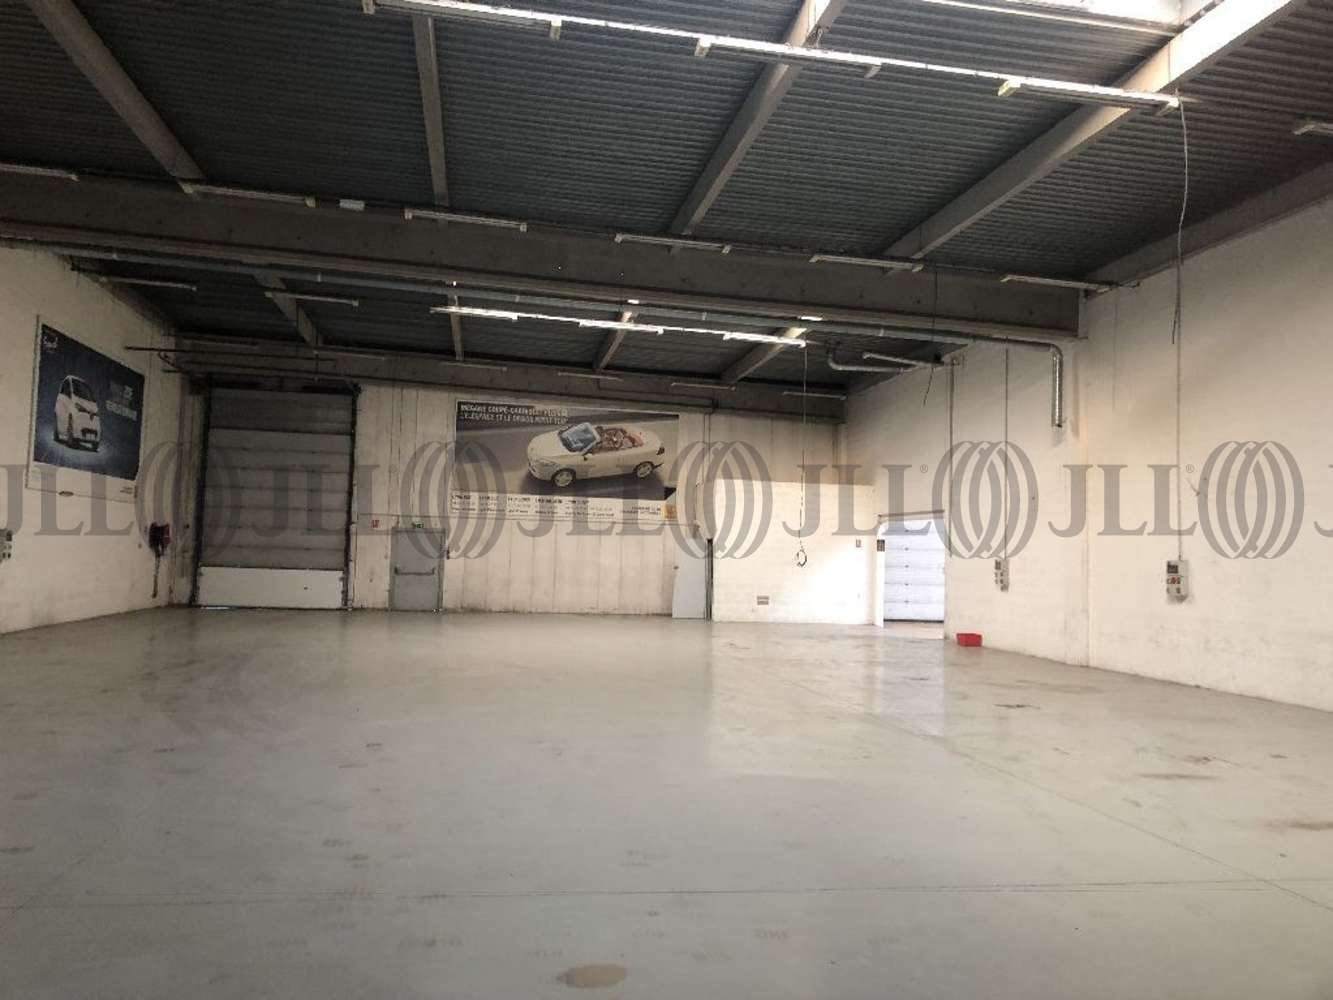 Activités/entrepôt Venissieux, 69200 - GREEN CAMPUS - LOCAUX A LOUER LYON (69) - 10902414